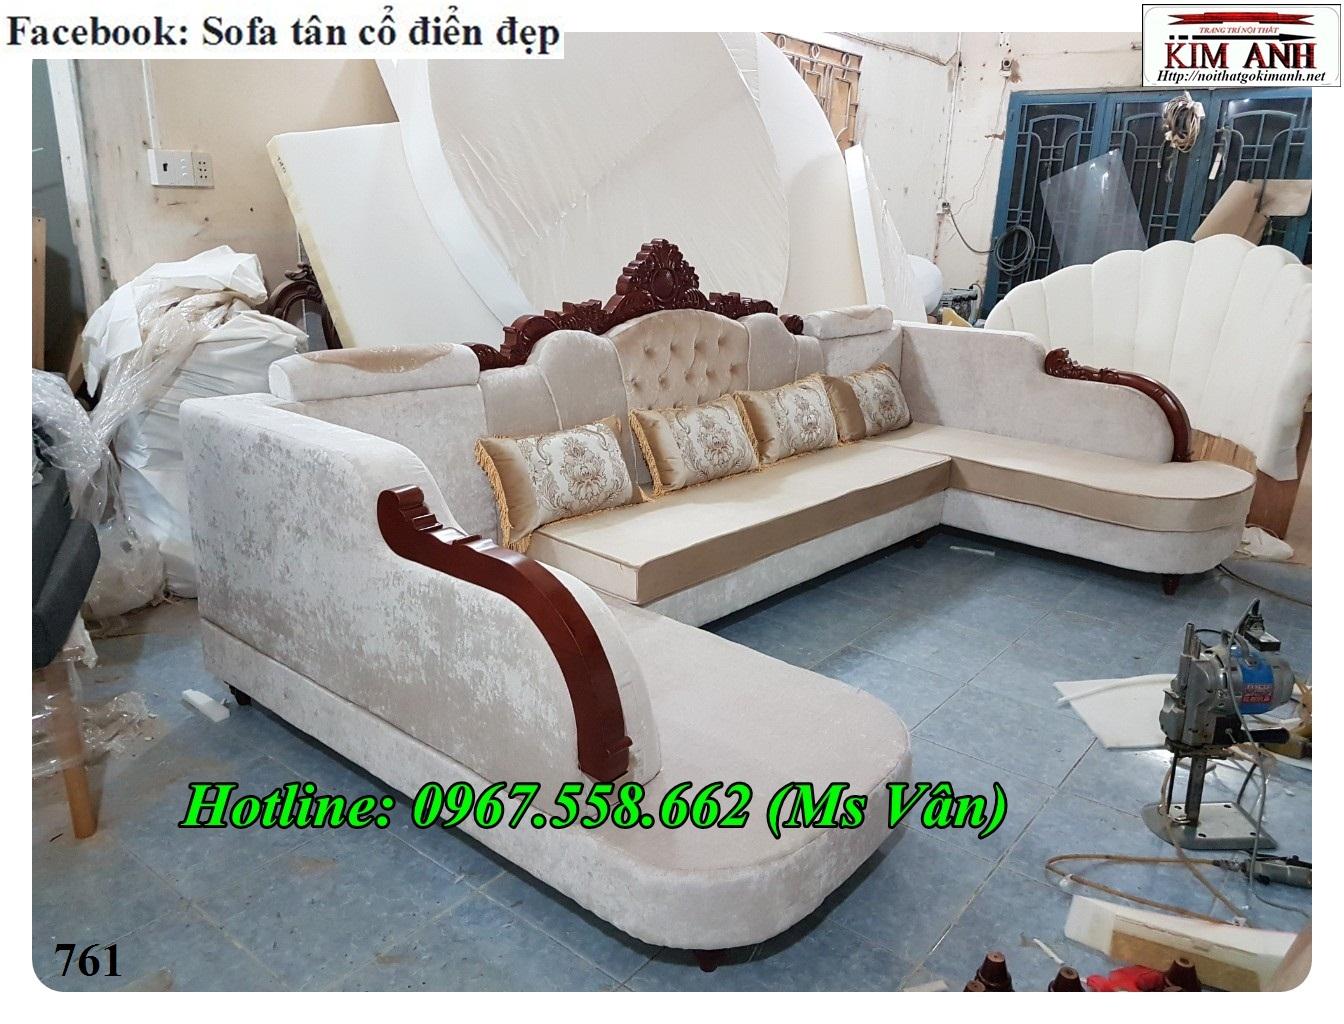 16 Mẫu sofa cổ điển cực sang trọng đẳng cấp đặt đóng tại xưởng